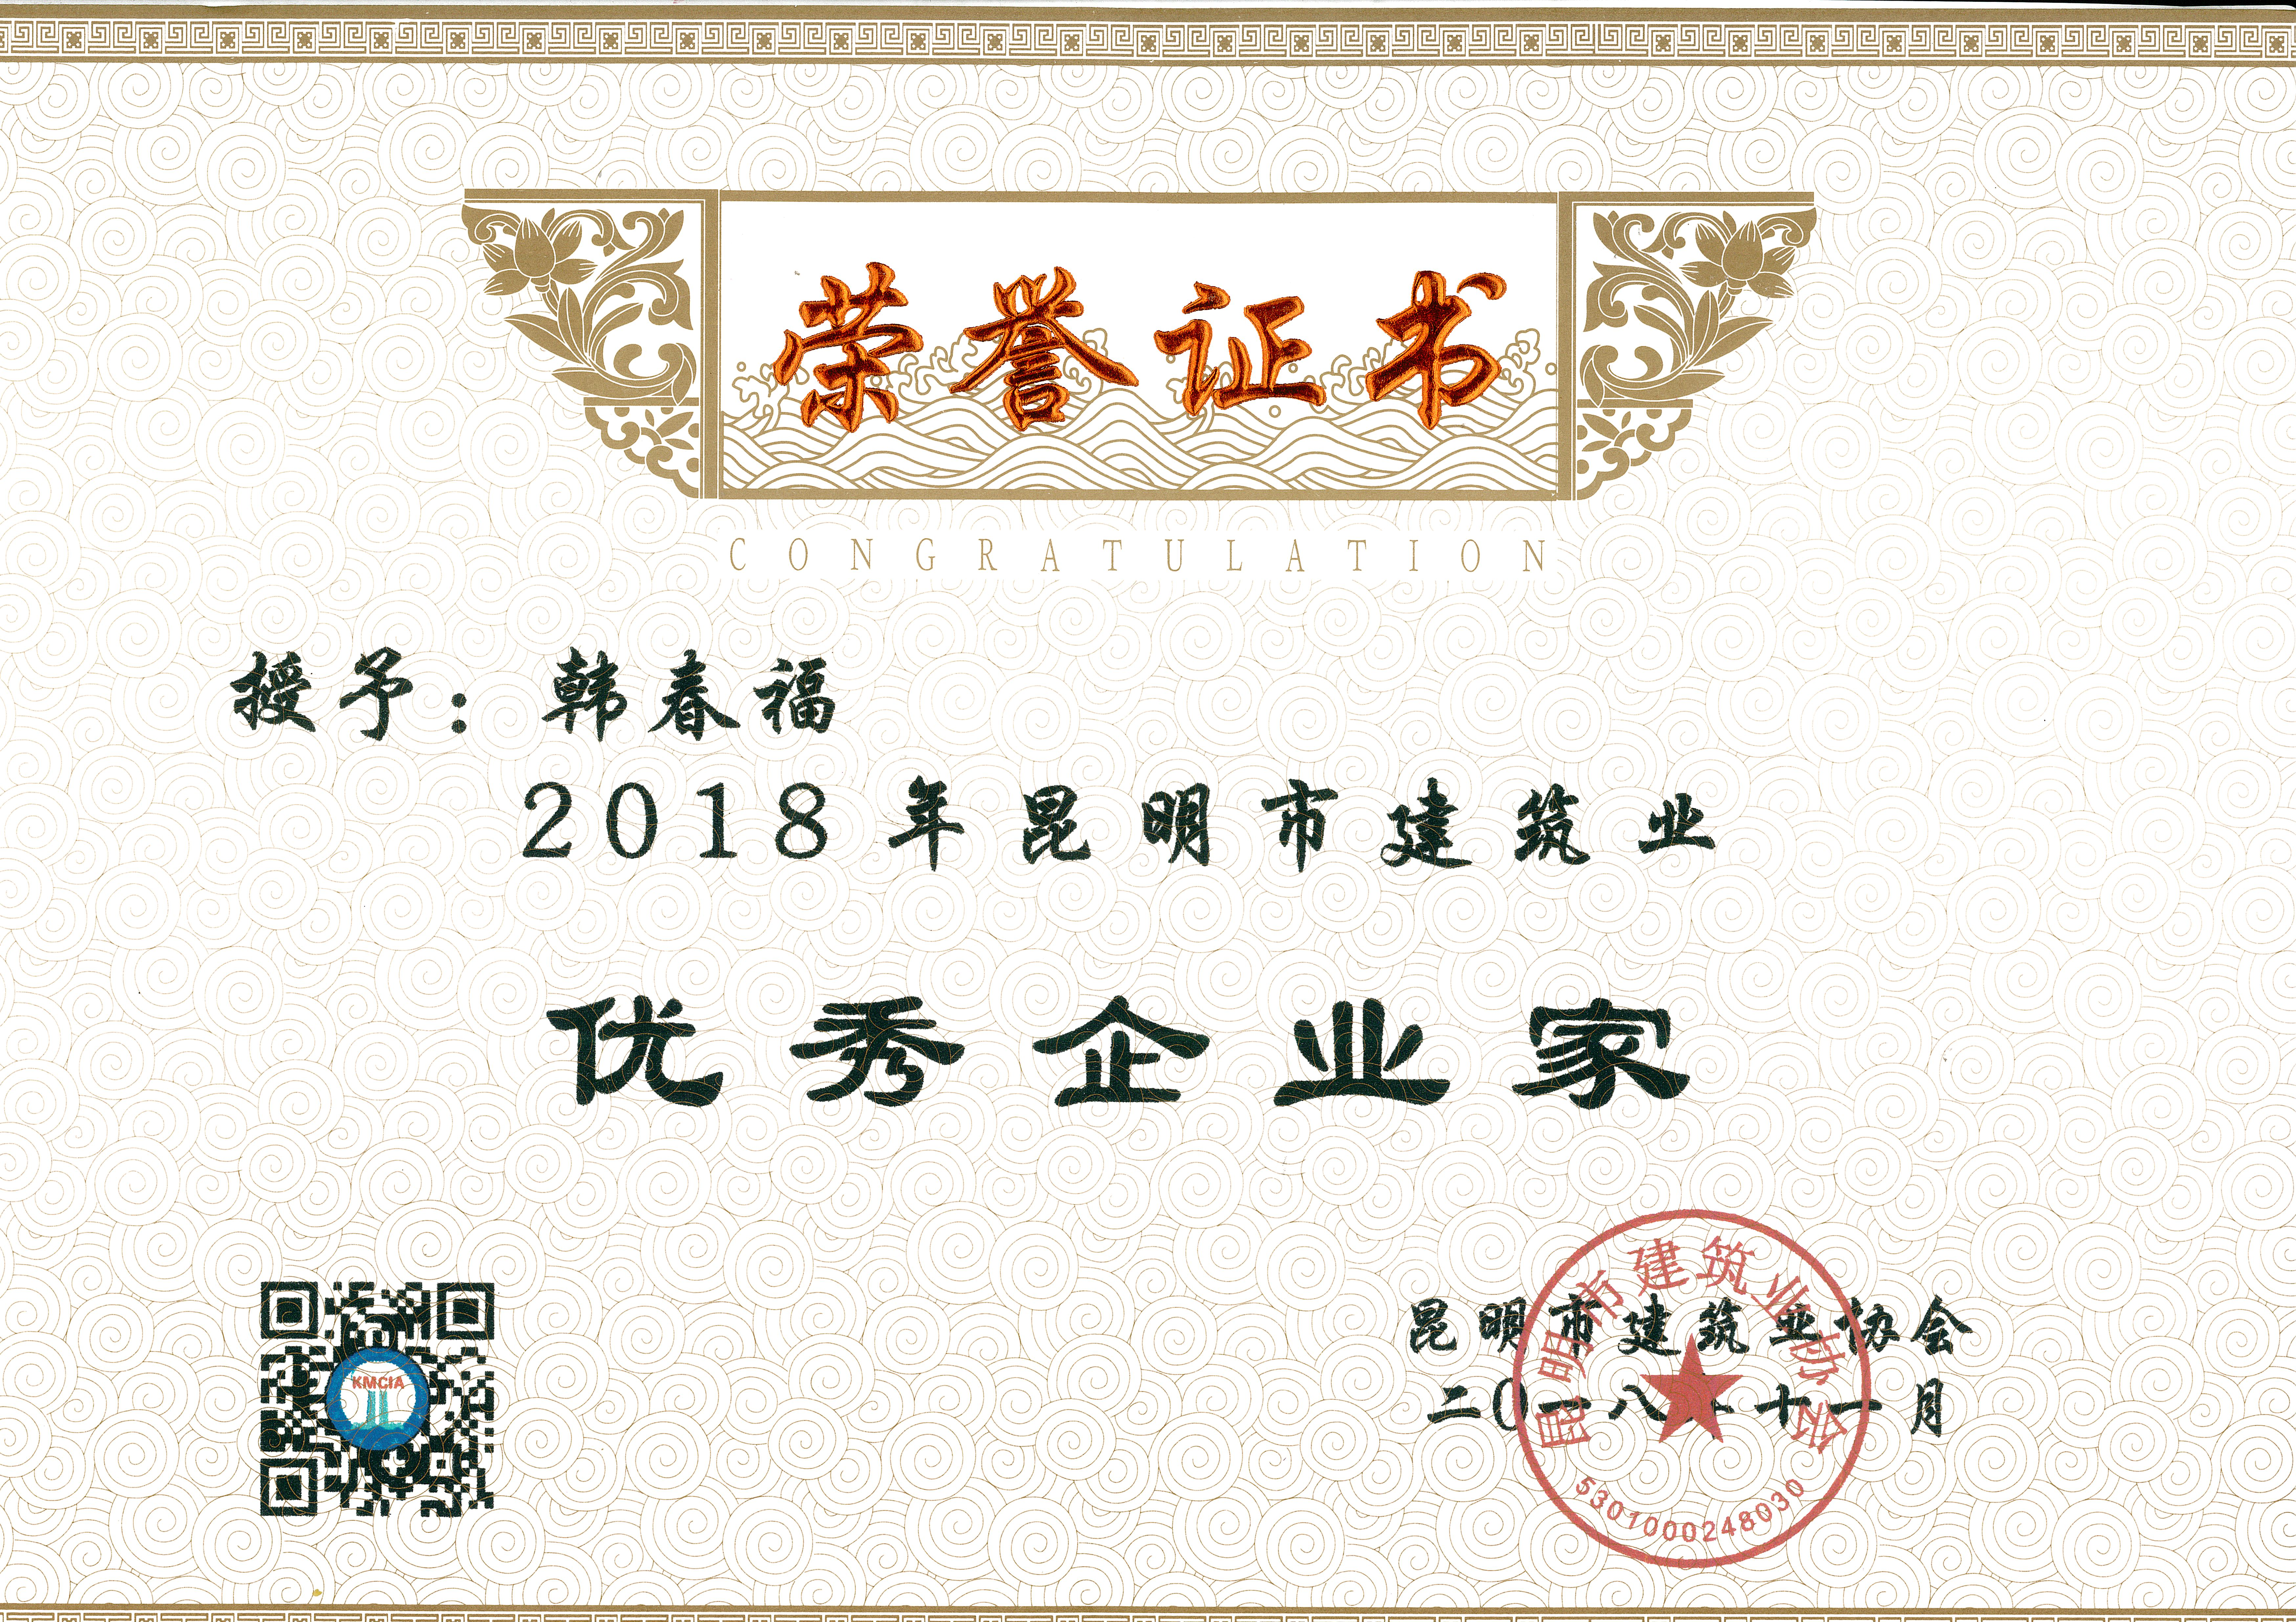 恭贺公司总经理韩春福荣获2018年昆明市建筑业优秀企业家